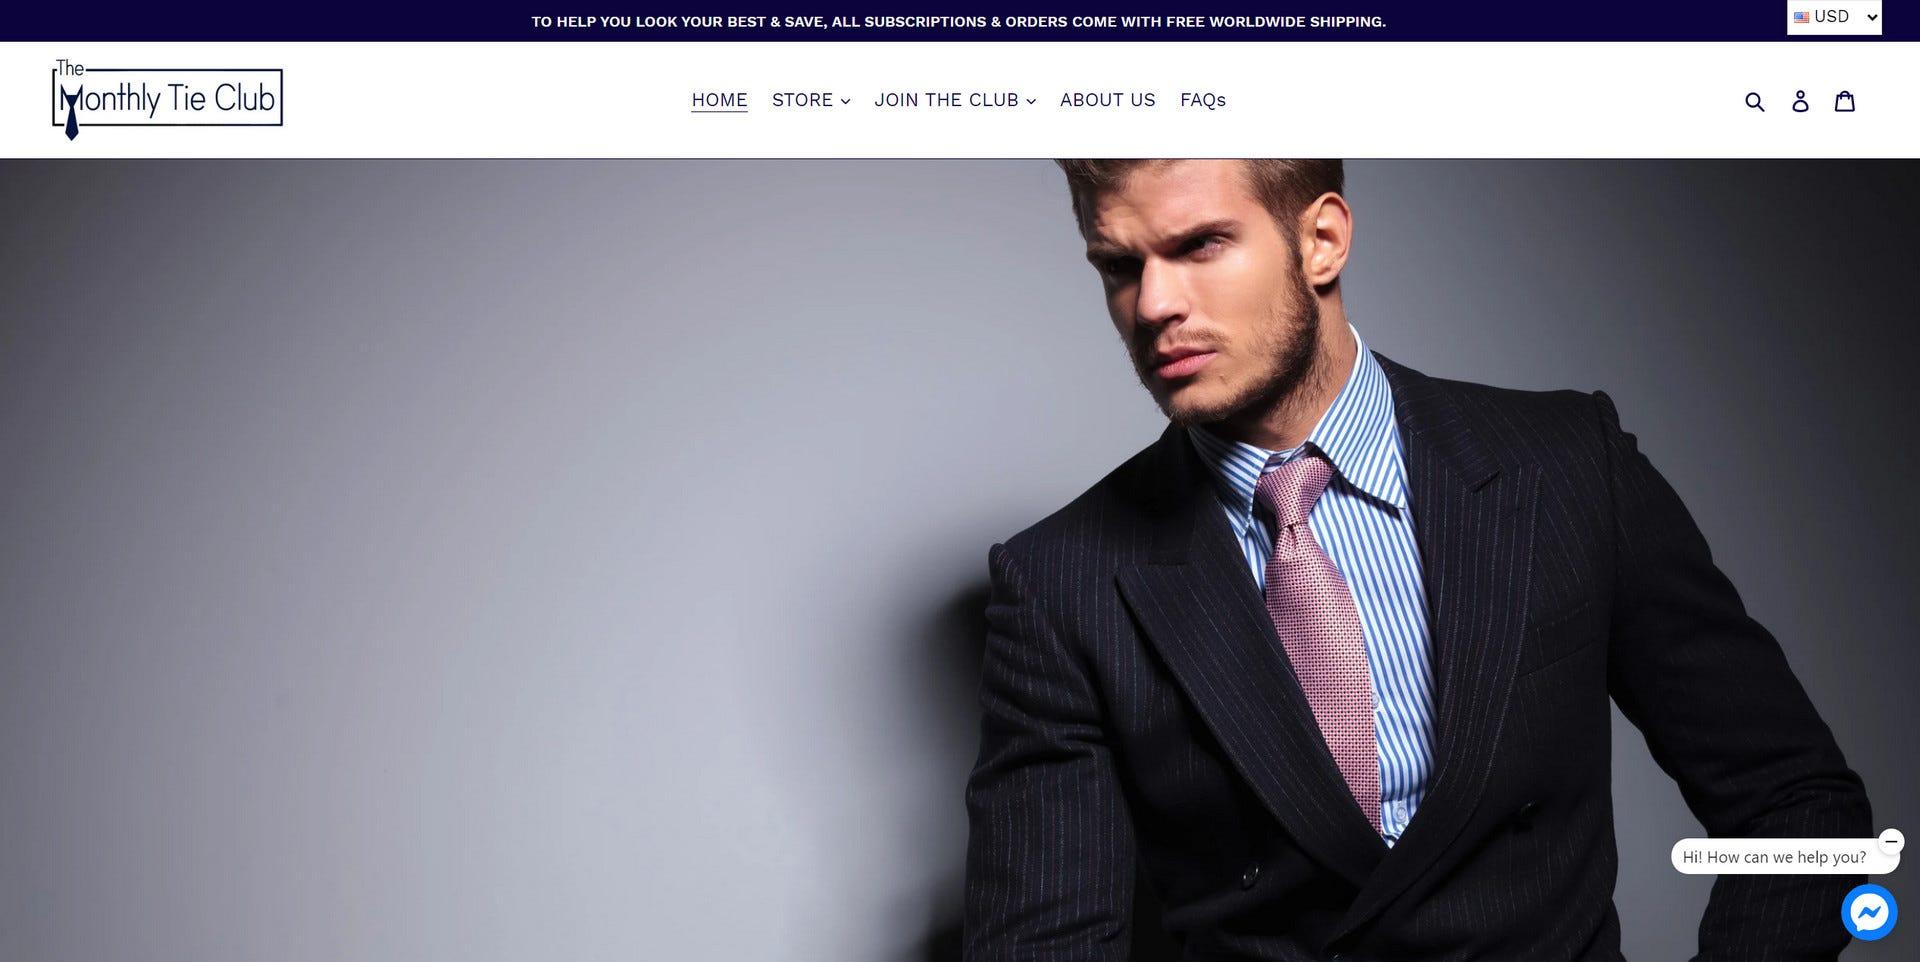 Un bărbat care poartă o cravată de la clubul lunar de cravată.